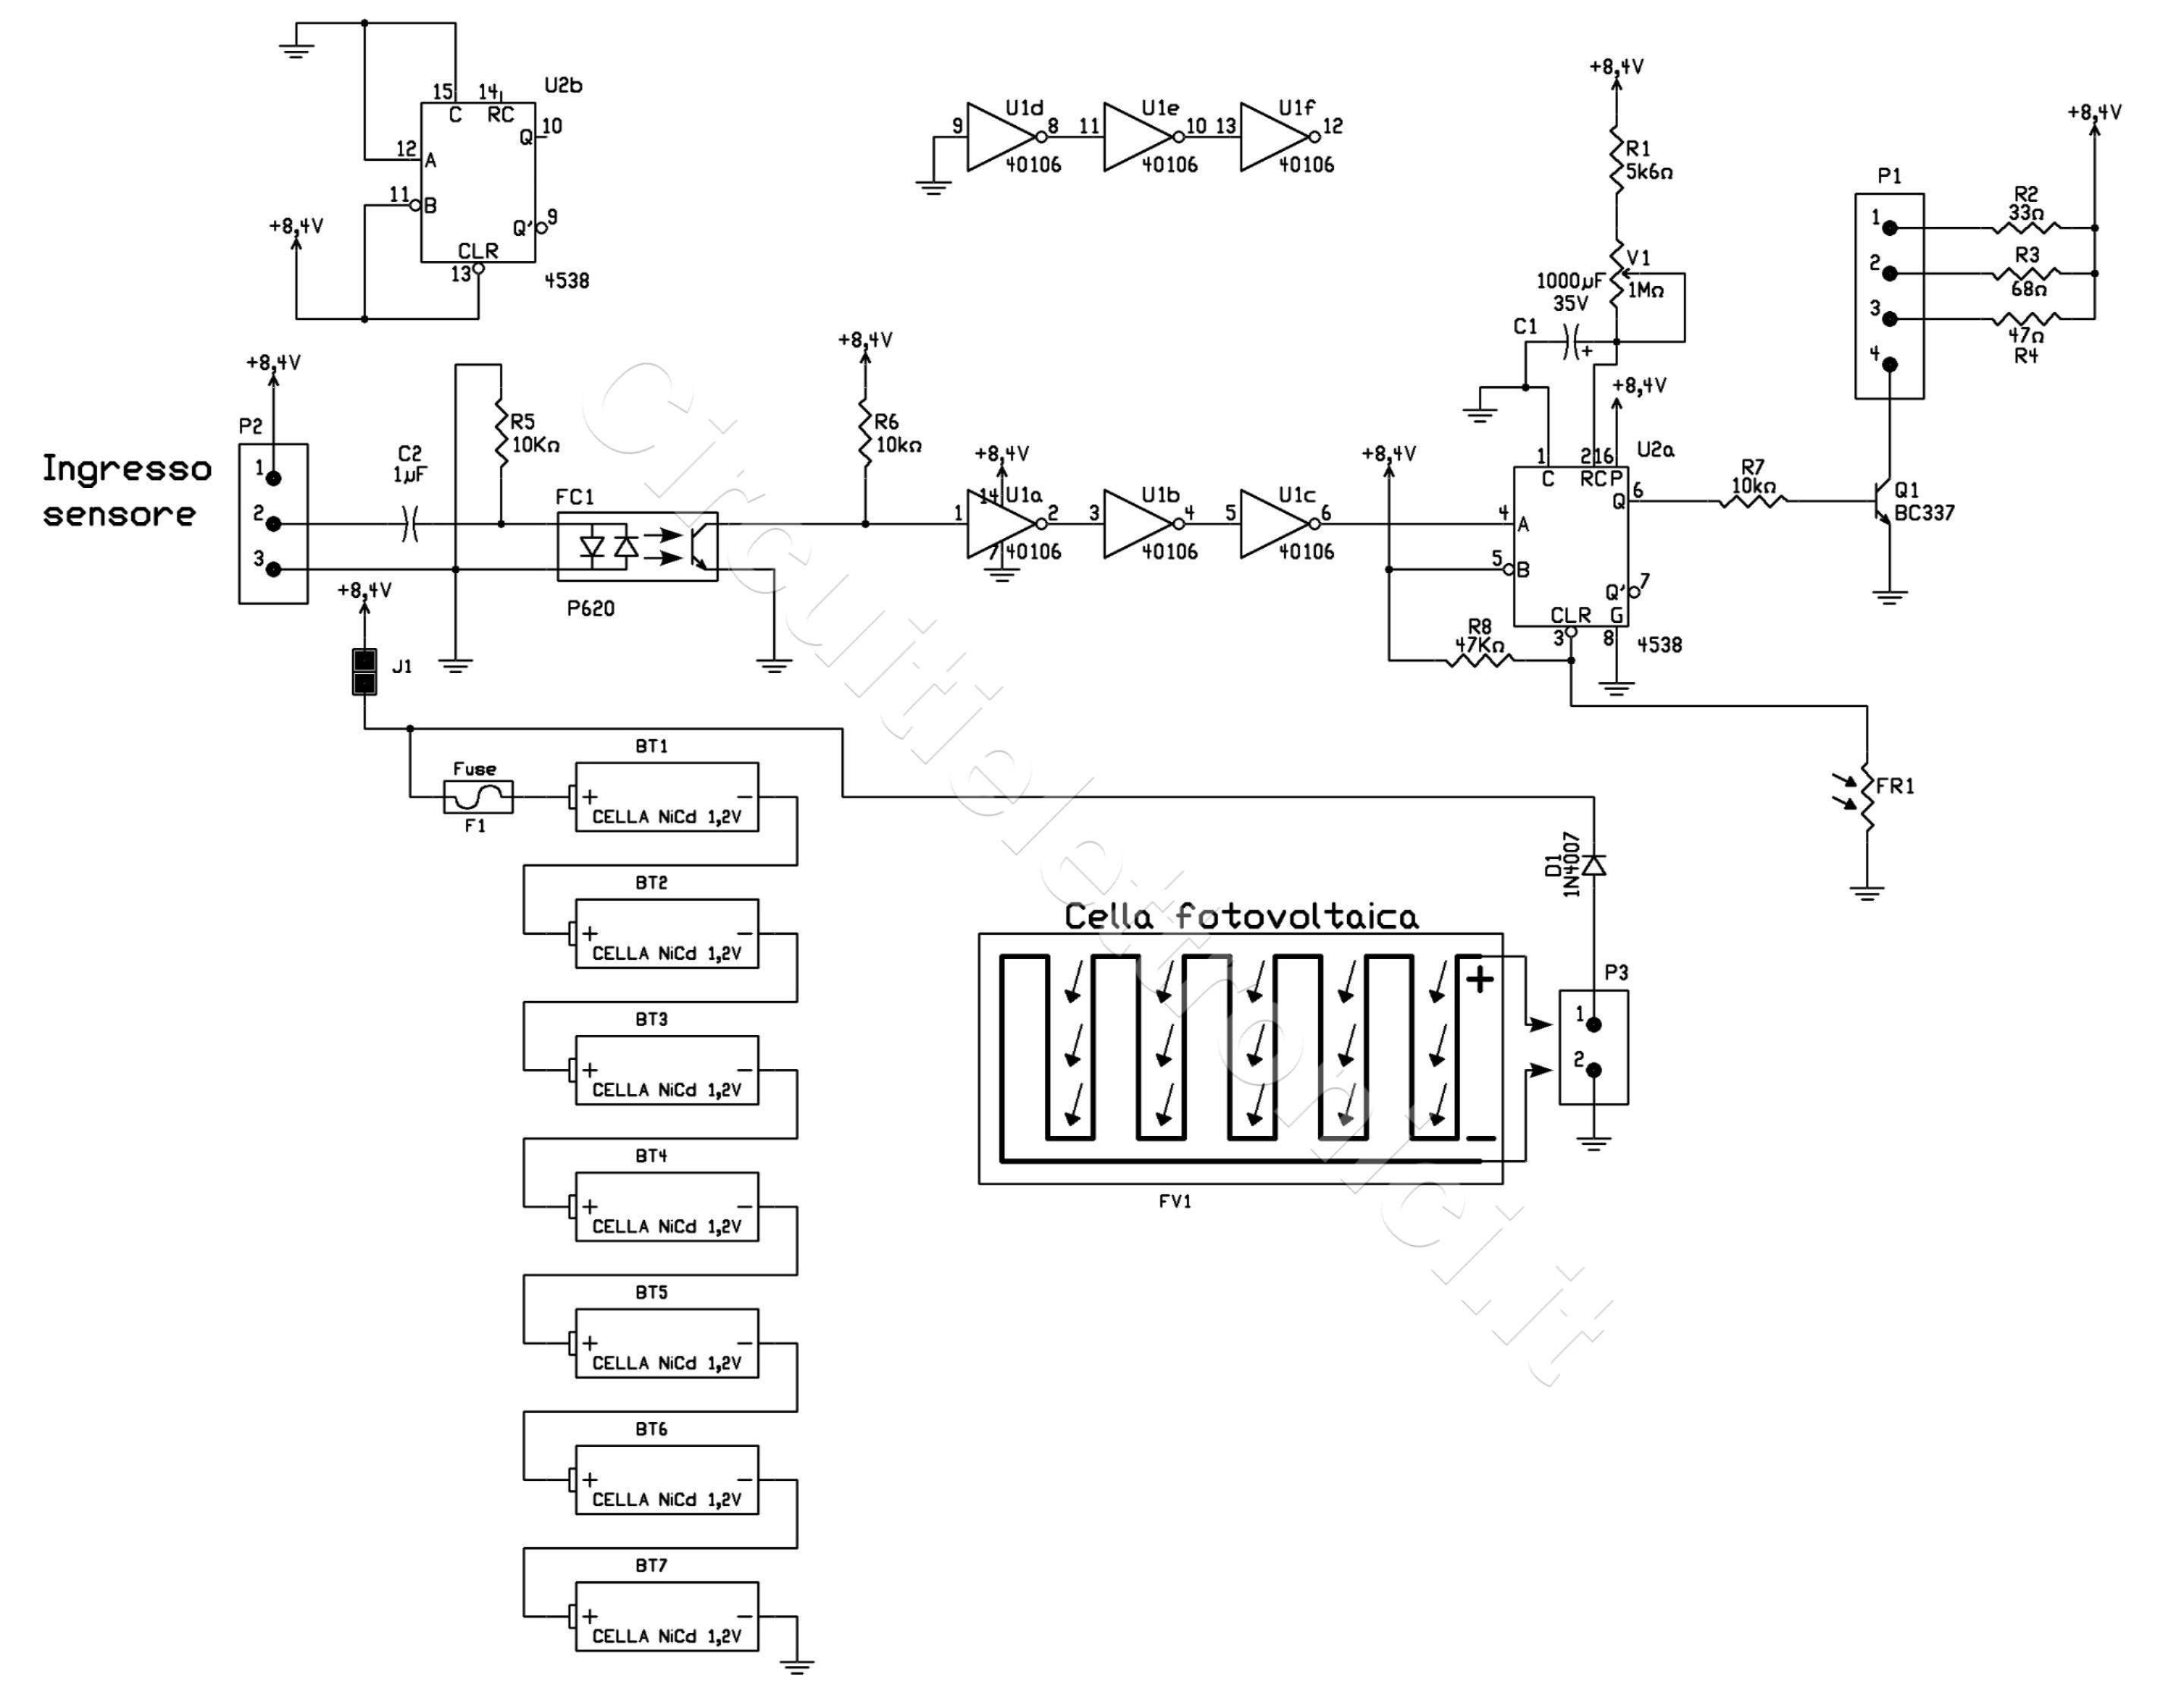 Schema Elettrico Per Lampada : Lampada per esterni alimentata ad energia solare